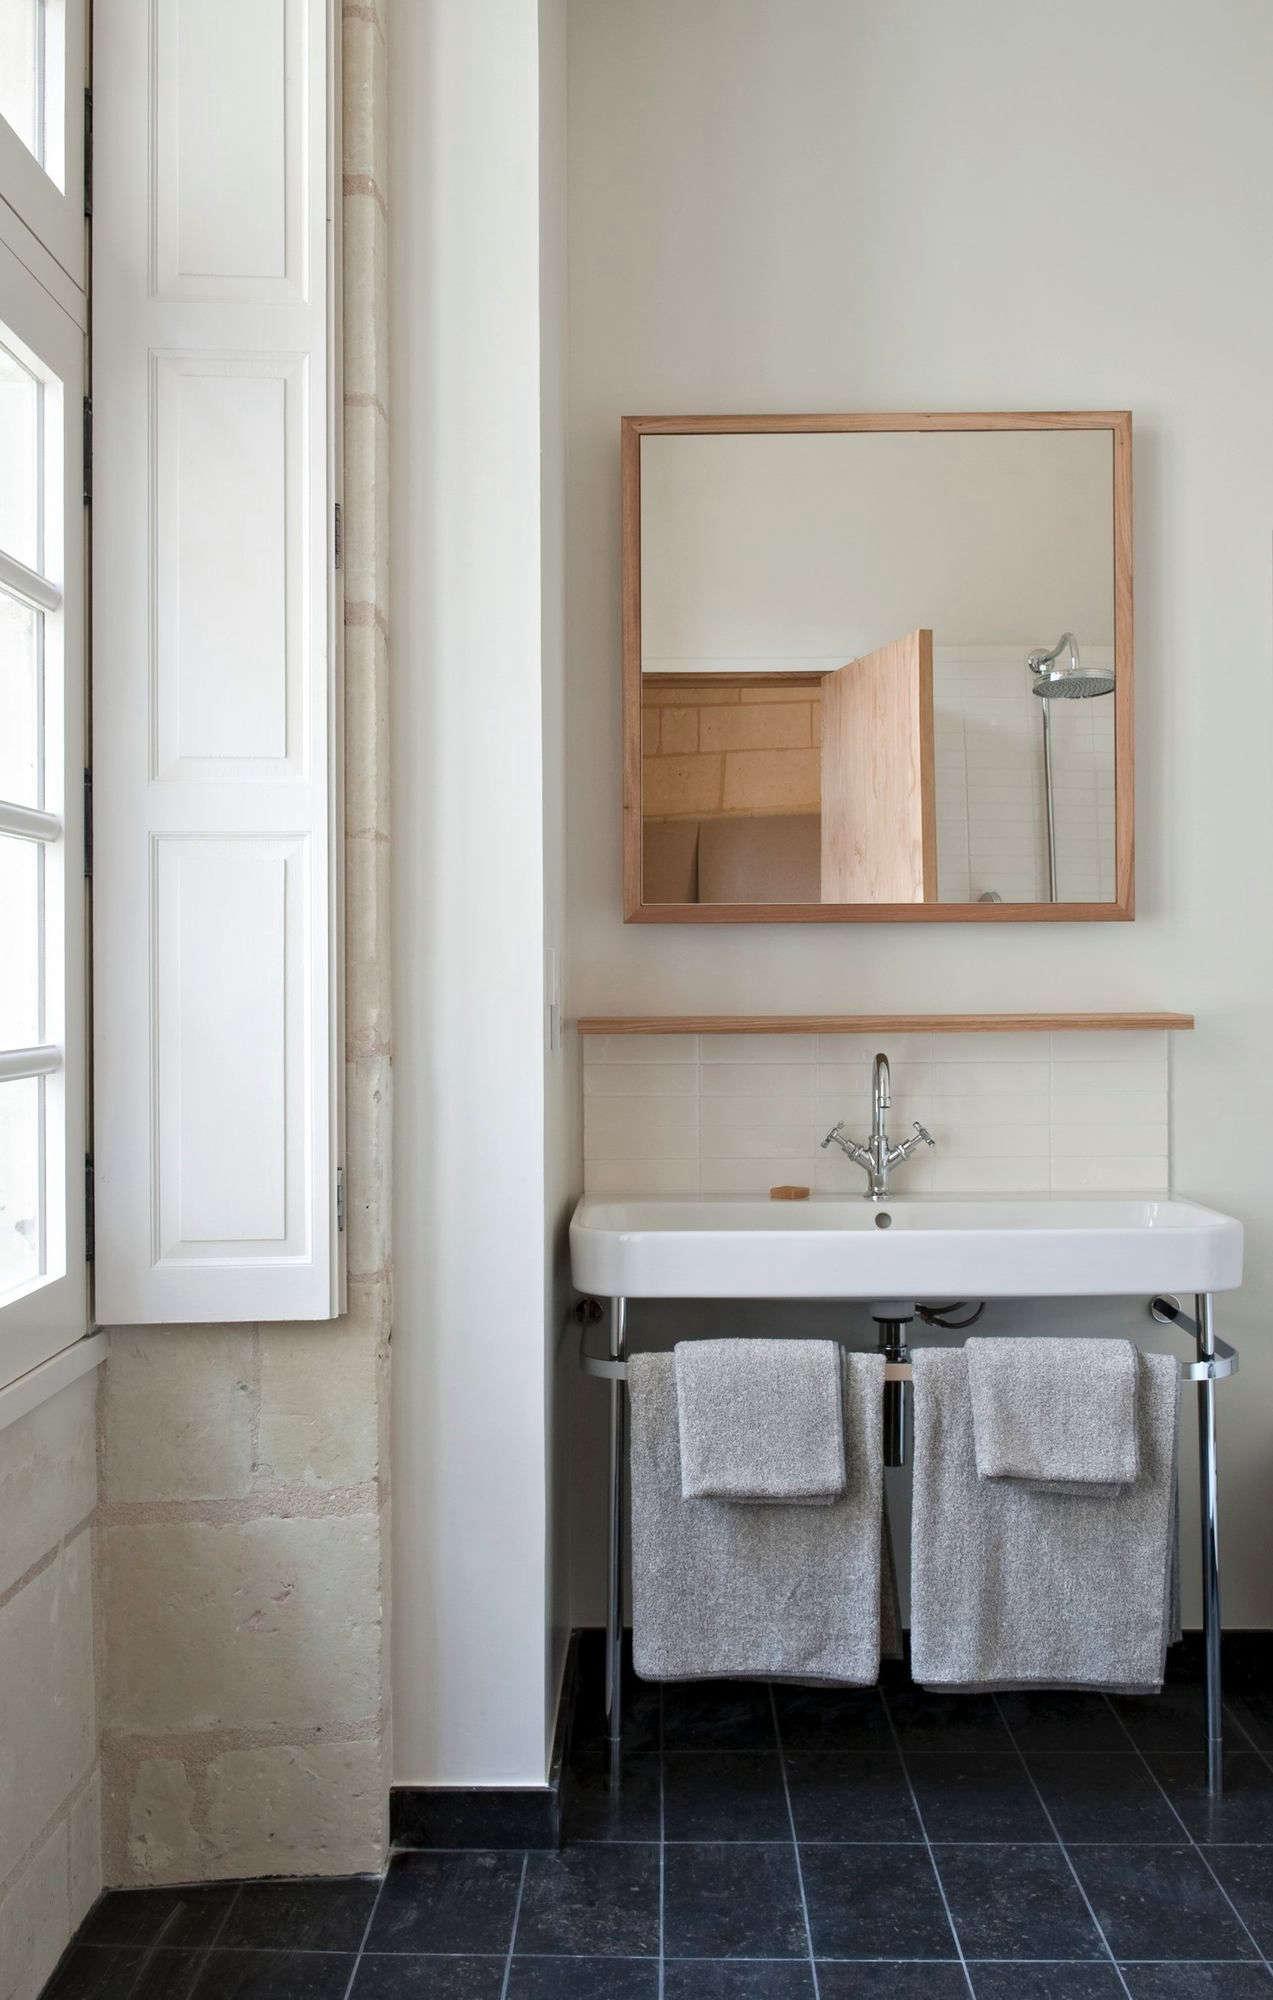 Greatest Hits Favorite Baths à La Française Remodelista - Remodelista bathroom